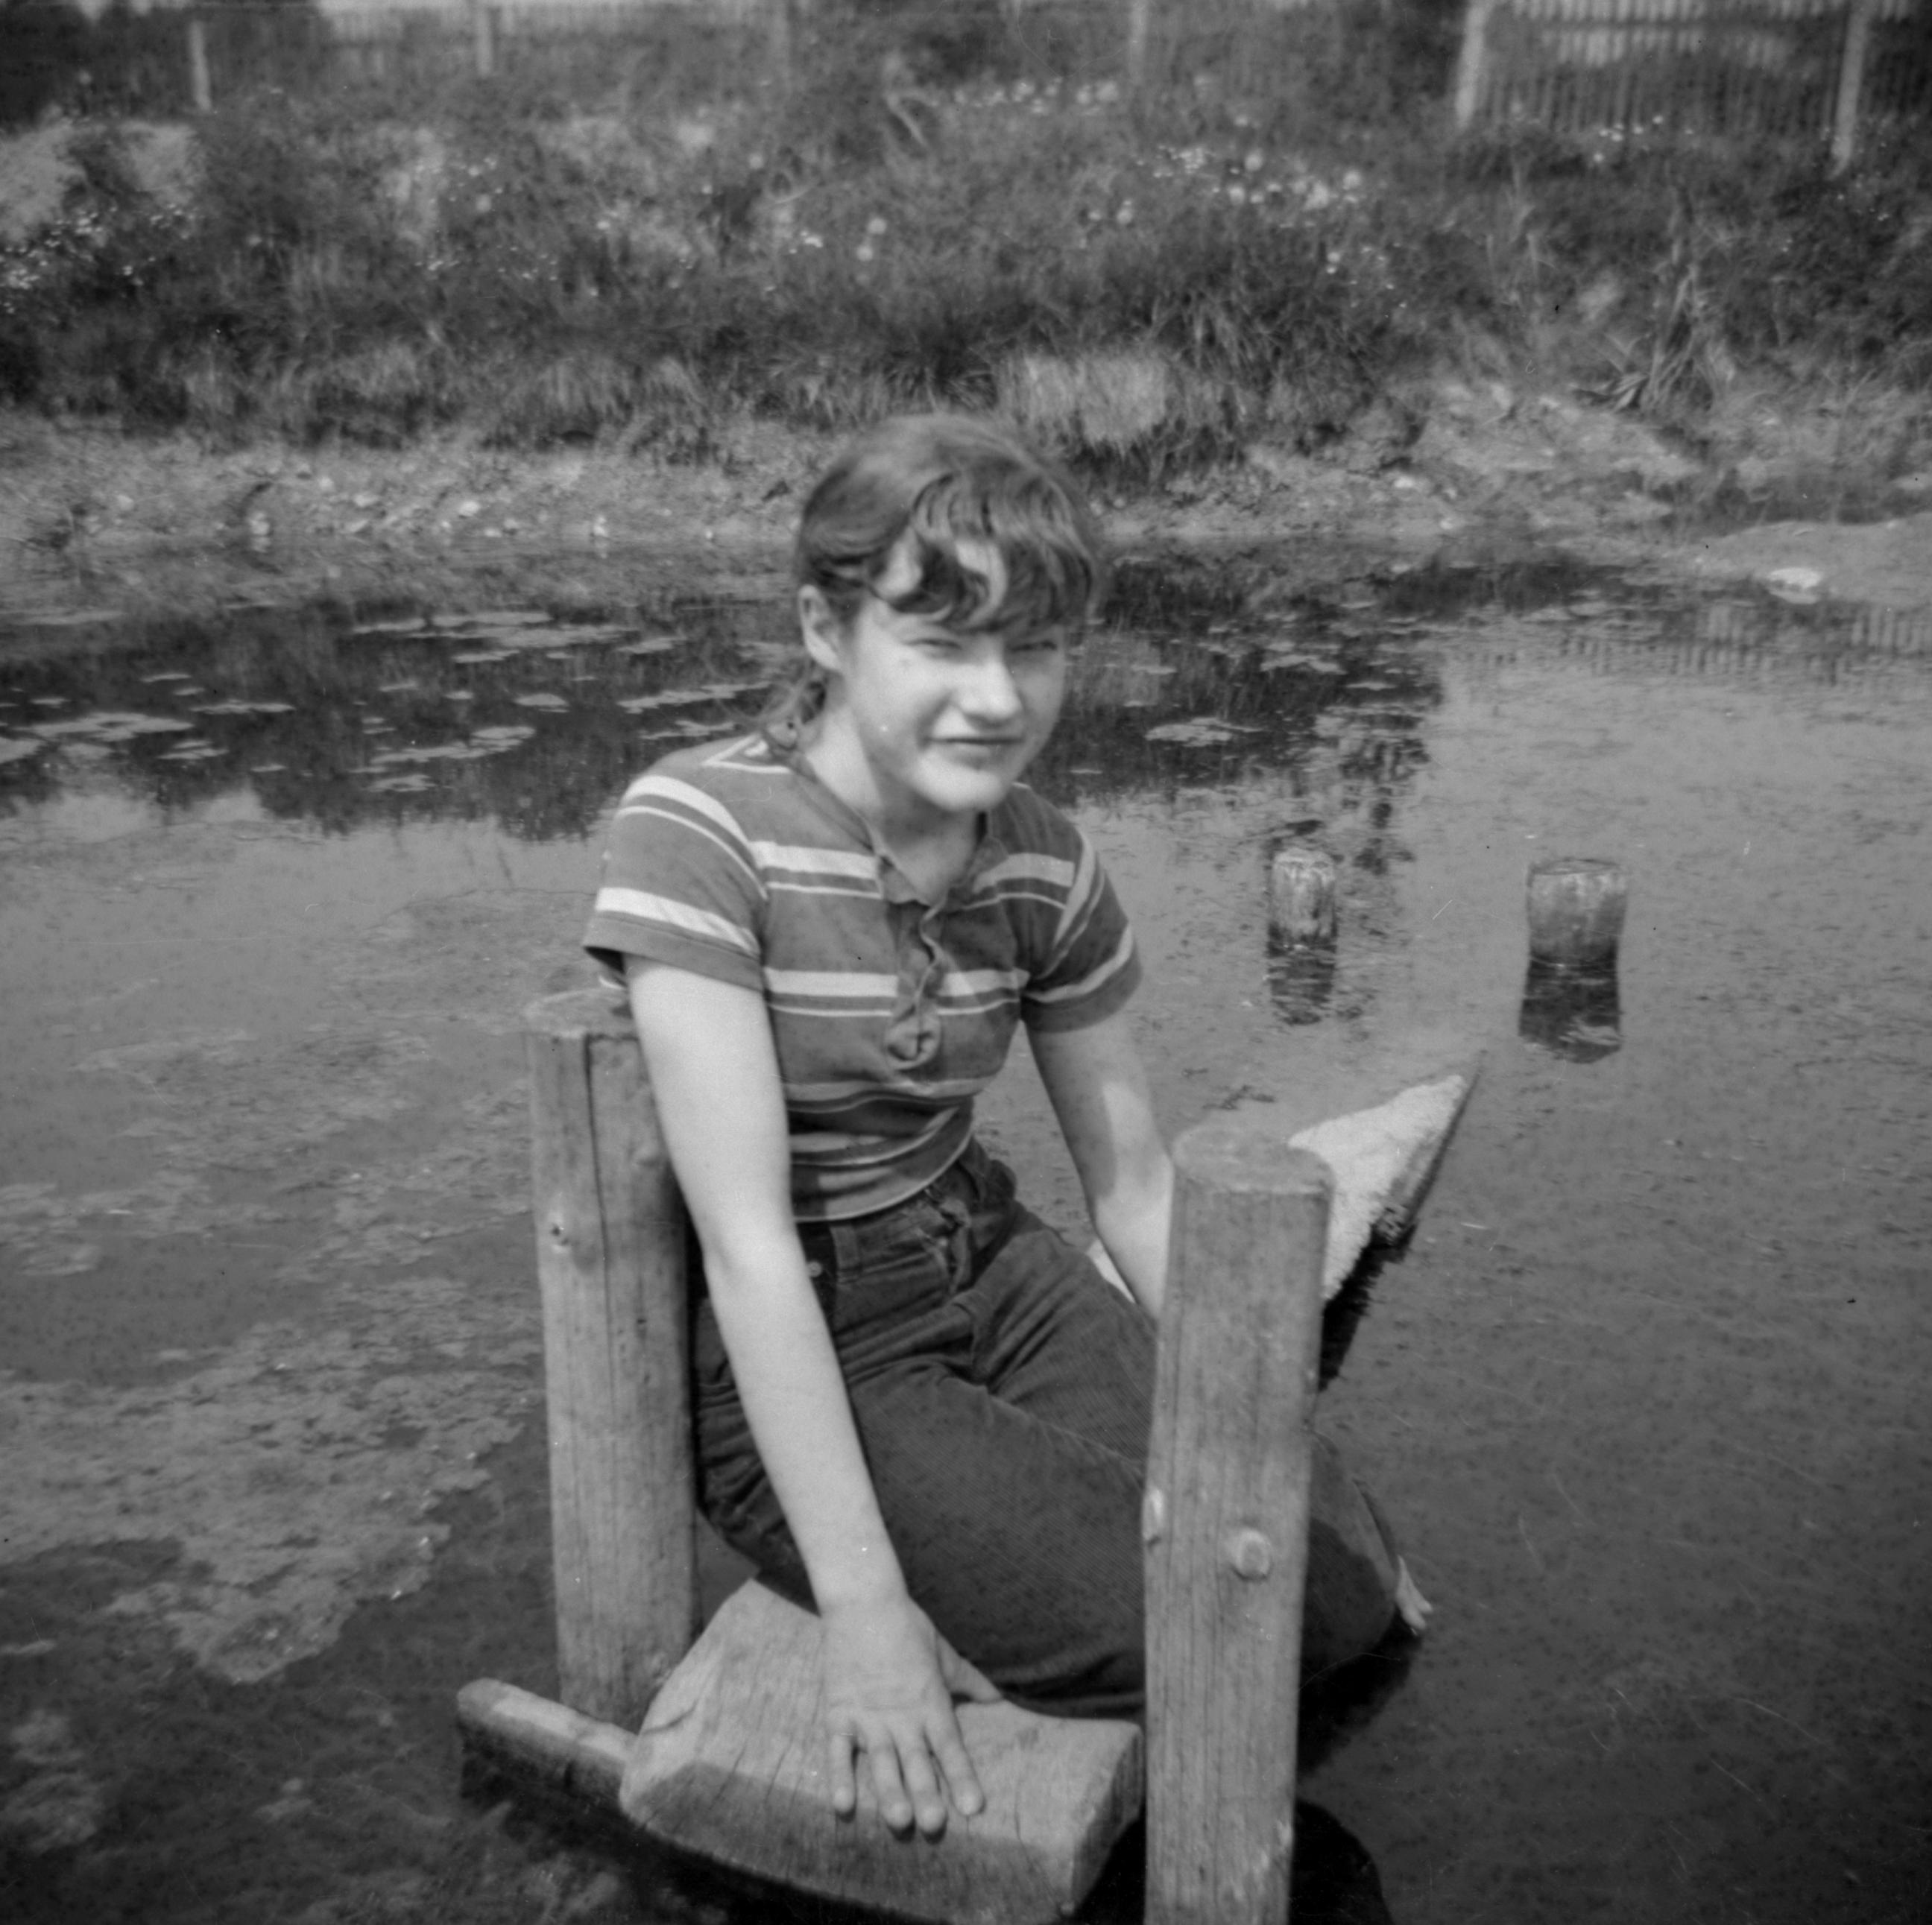 Jadwiga przy oczku wodnym, Brzózka, Dolny Śląsk, lata 80. XX w.